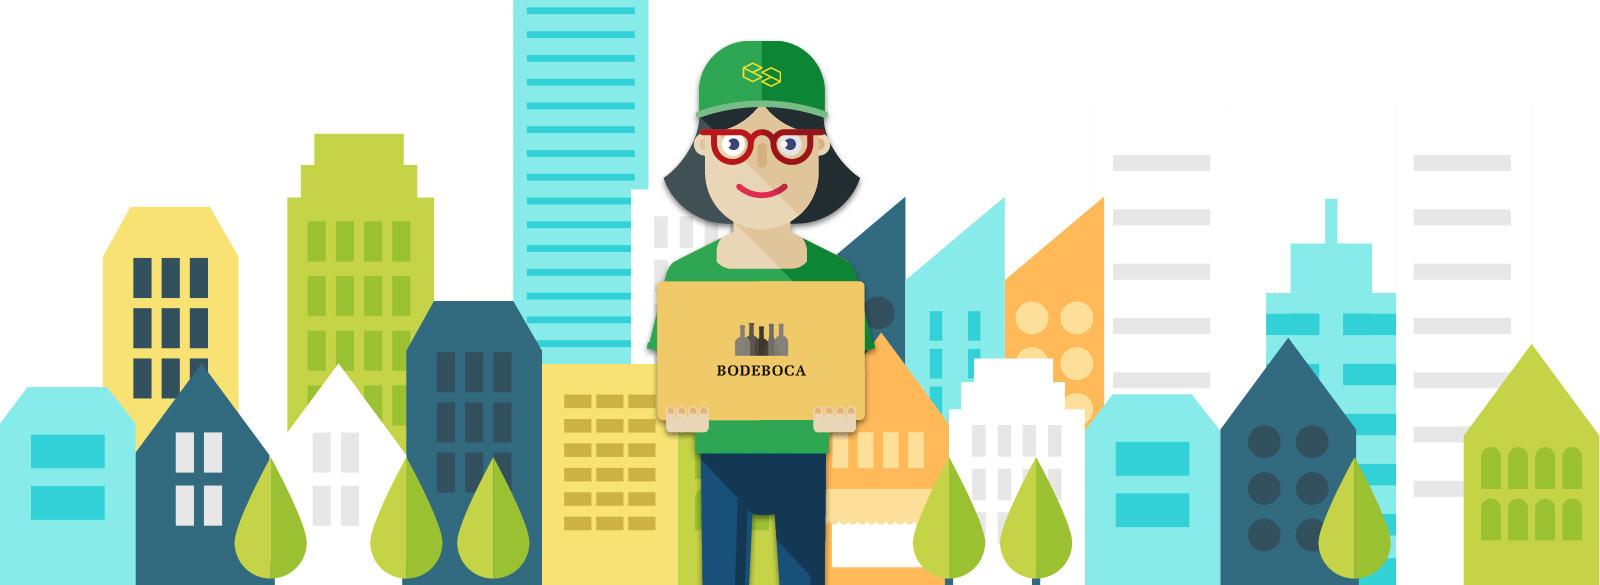 Entregas más flexibles y sostenibles